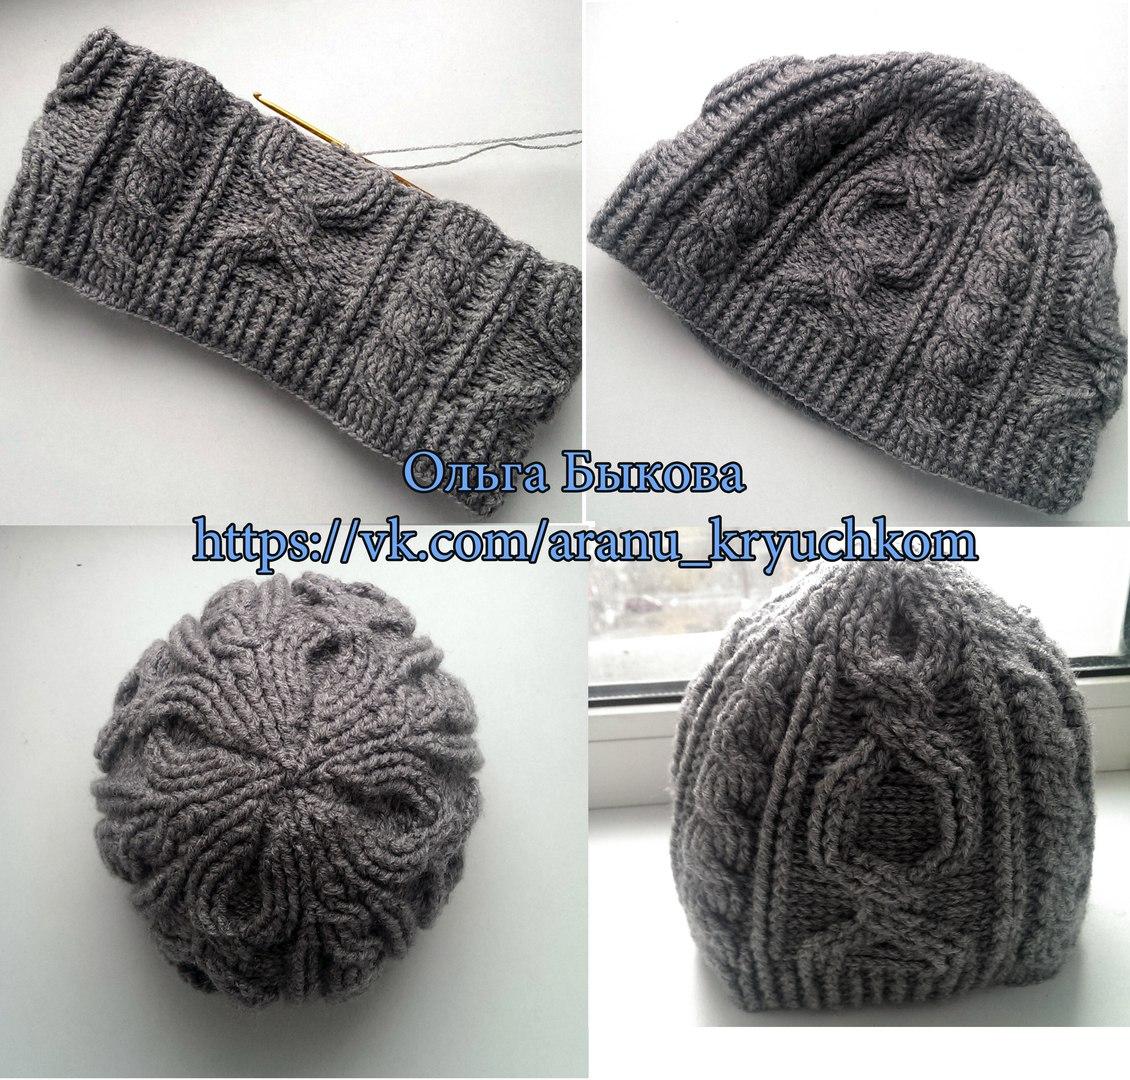 мужская шапка с косами и аранами крючком вязание шапок шитьё